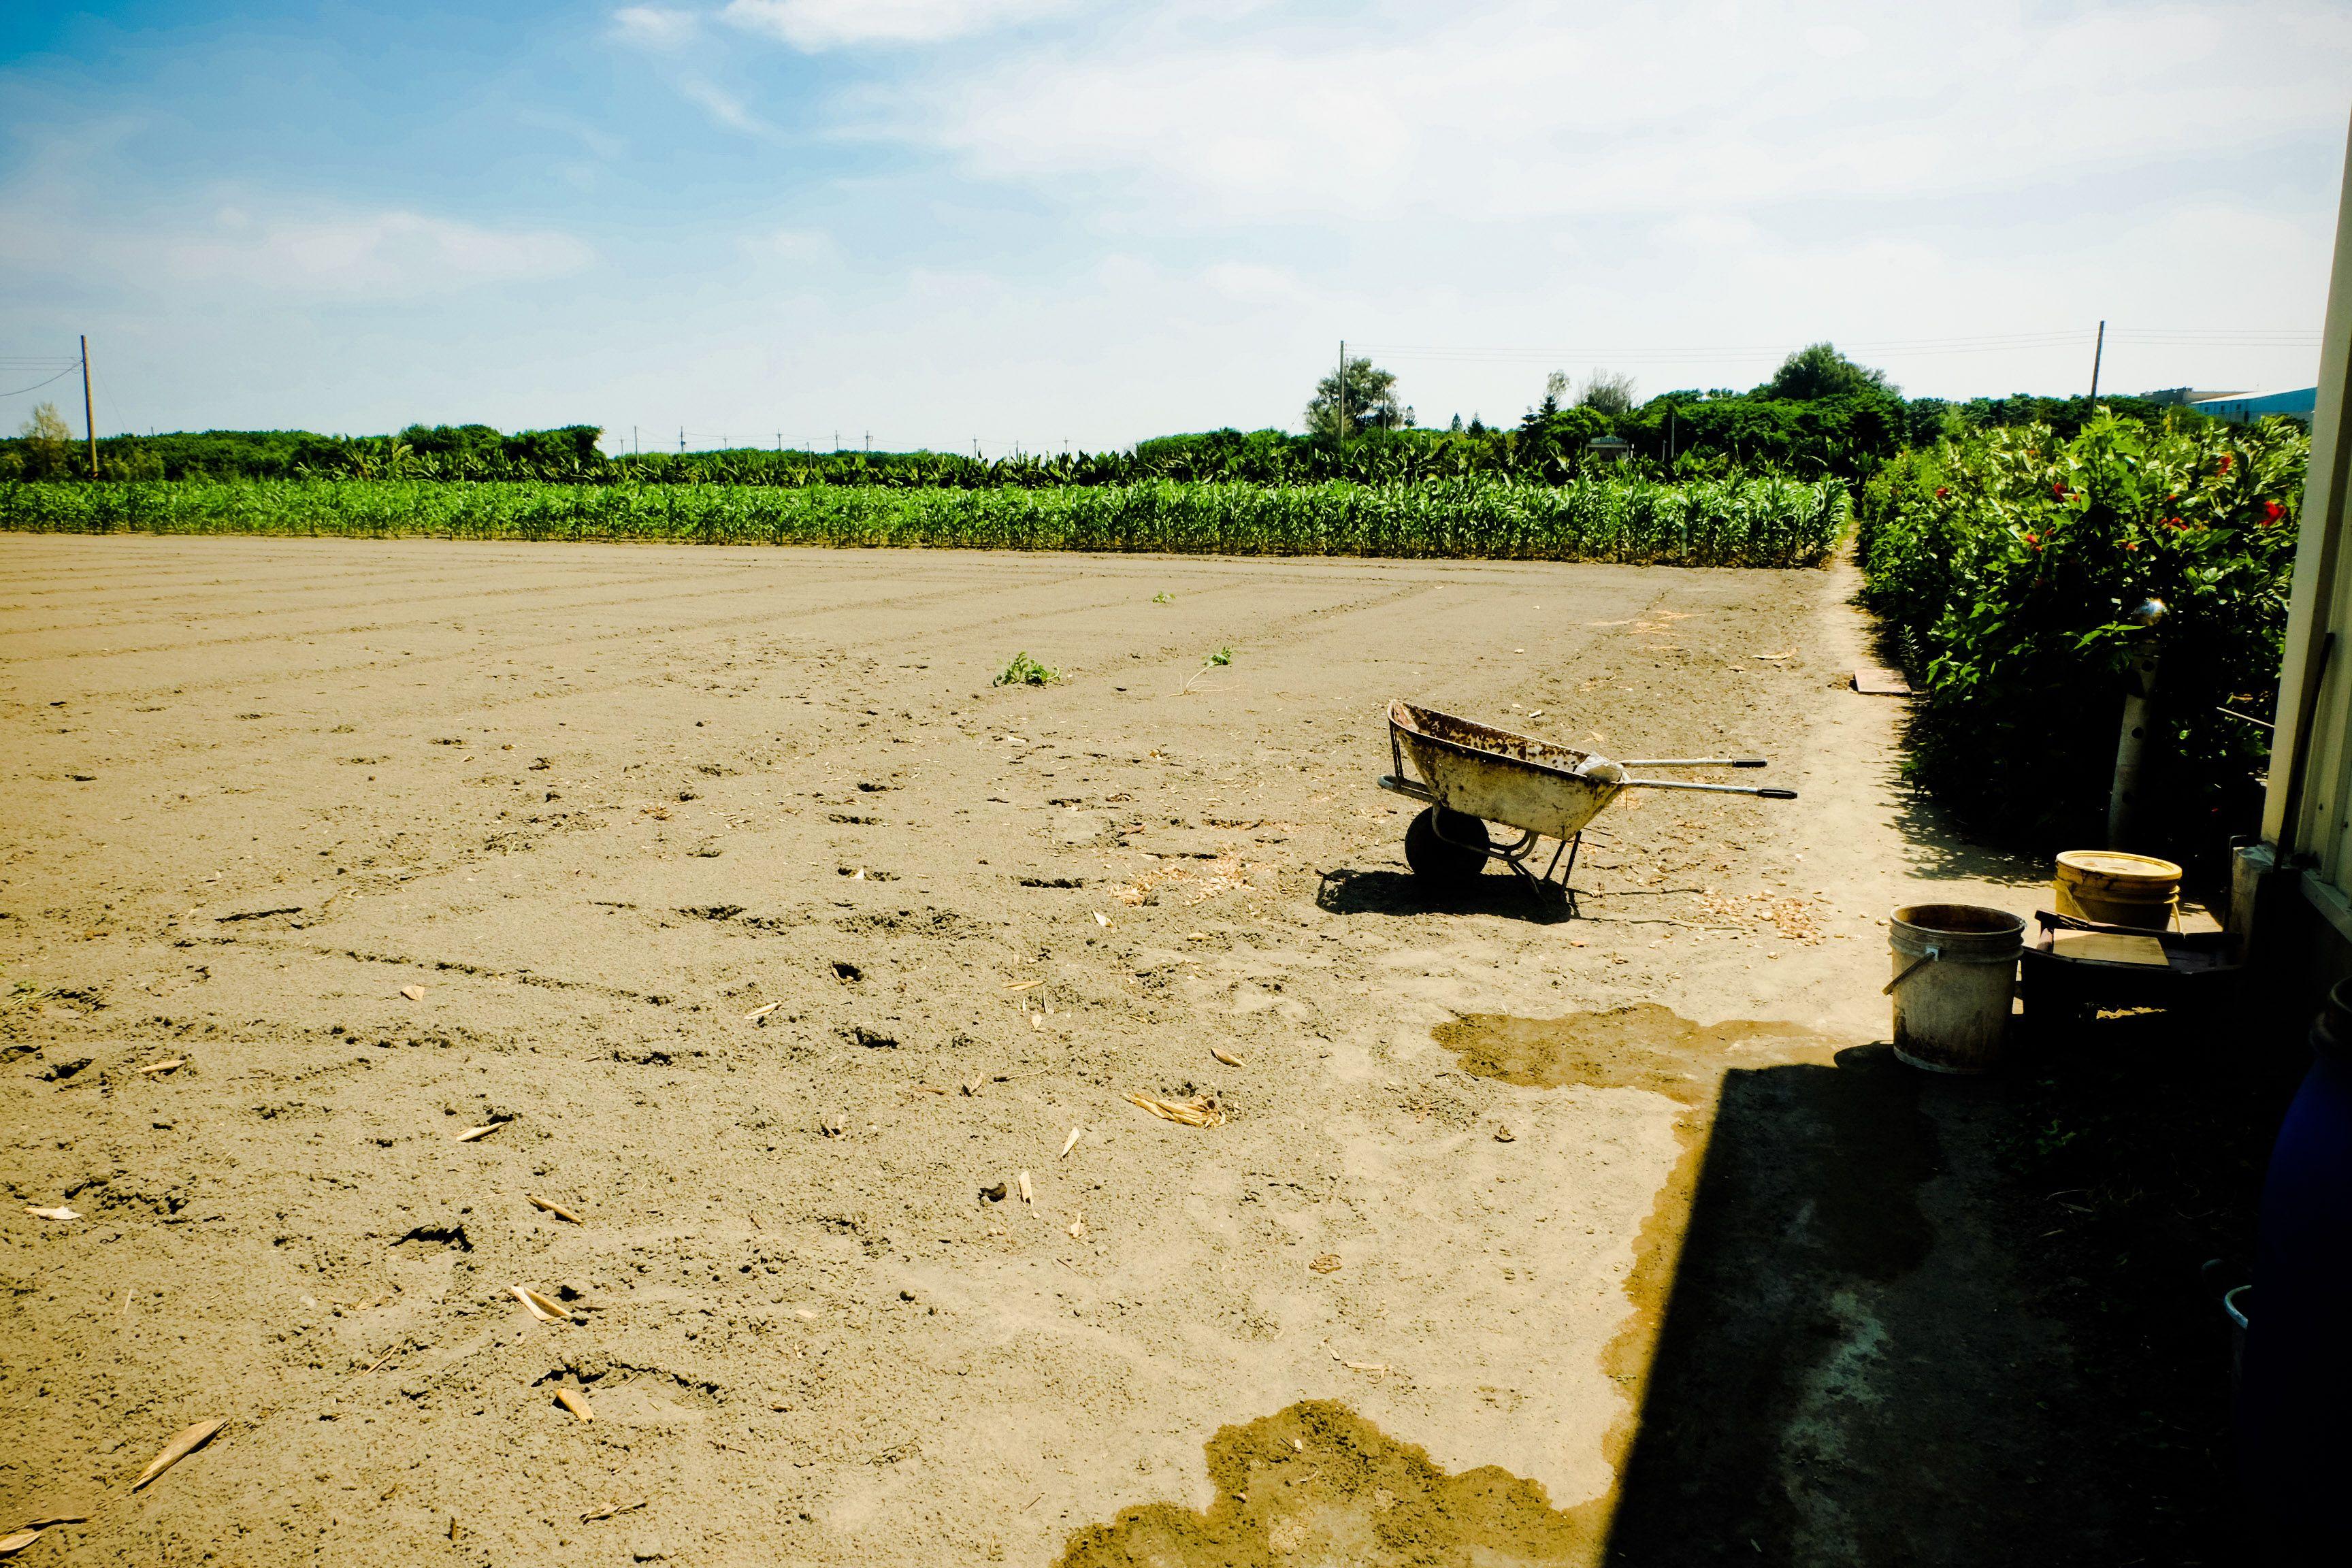 雲林縣台西鄉五榔村----汯蒝有機農場 Yunlin County, Taiwan (R.O.C.)